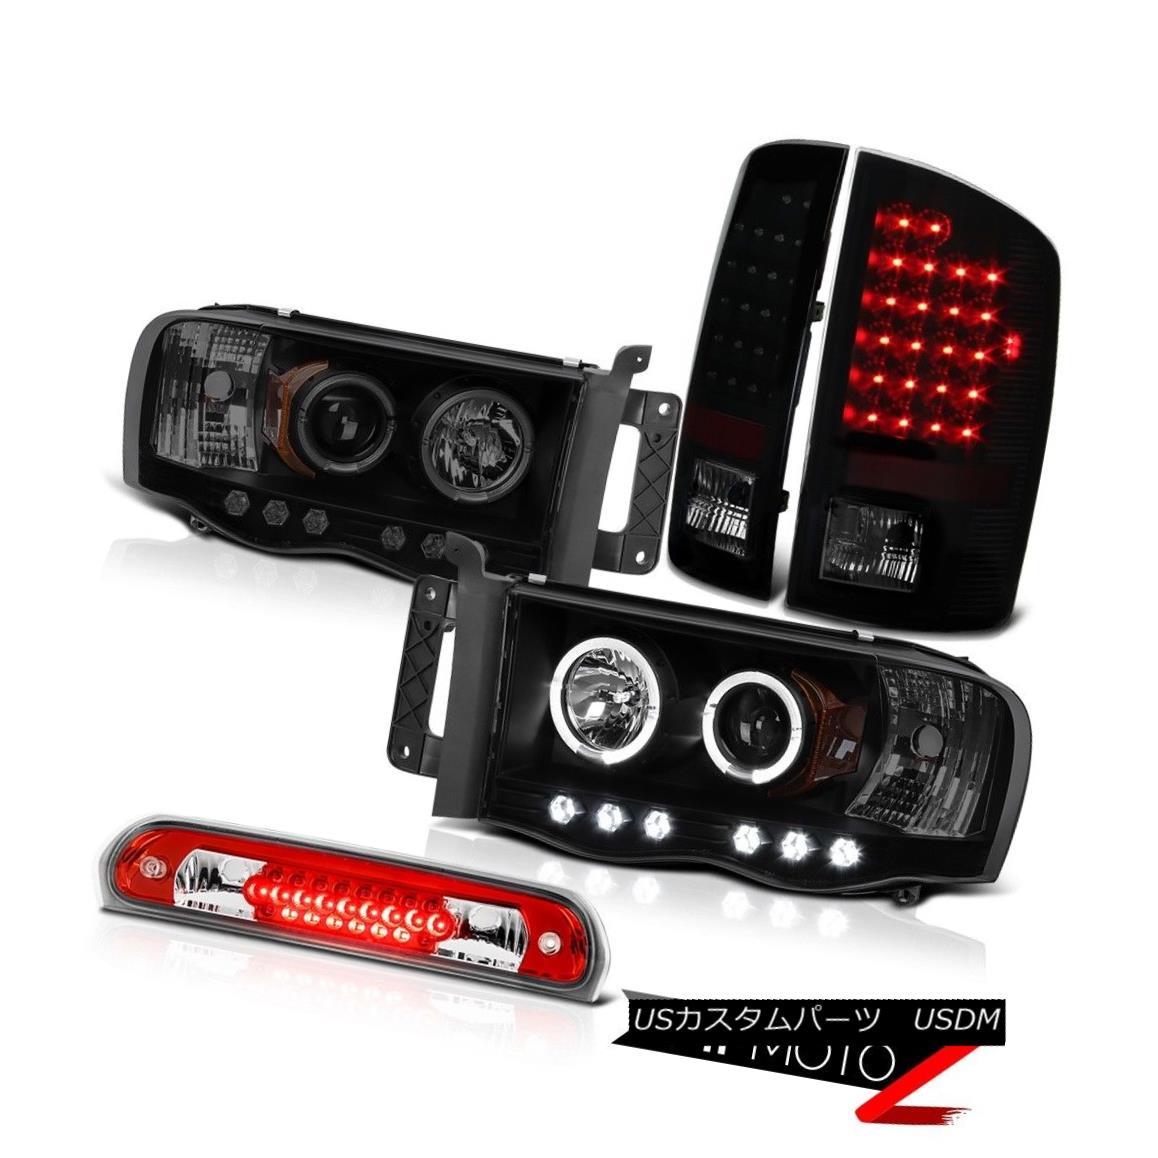 ヘッドライト Smoke Halo Headlights Sinister LED Tail Lights Roof Brake 02-05 Ram TurboDiesel スモークハローヘッドライト不快なLEDテールライトルーフブレーキ02-05 Ram TurboDiesel